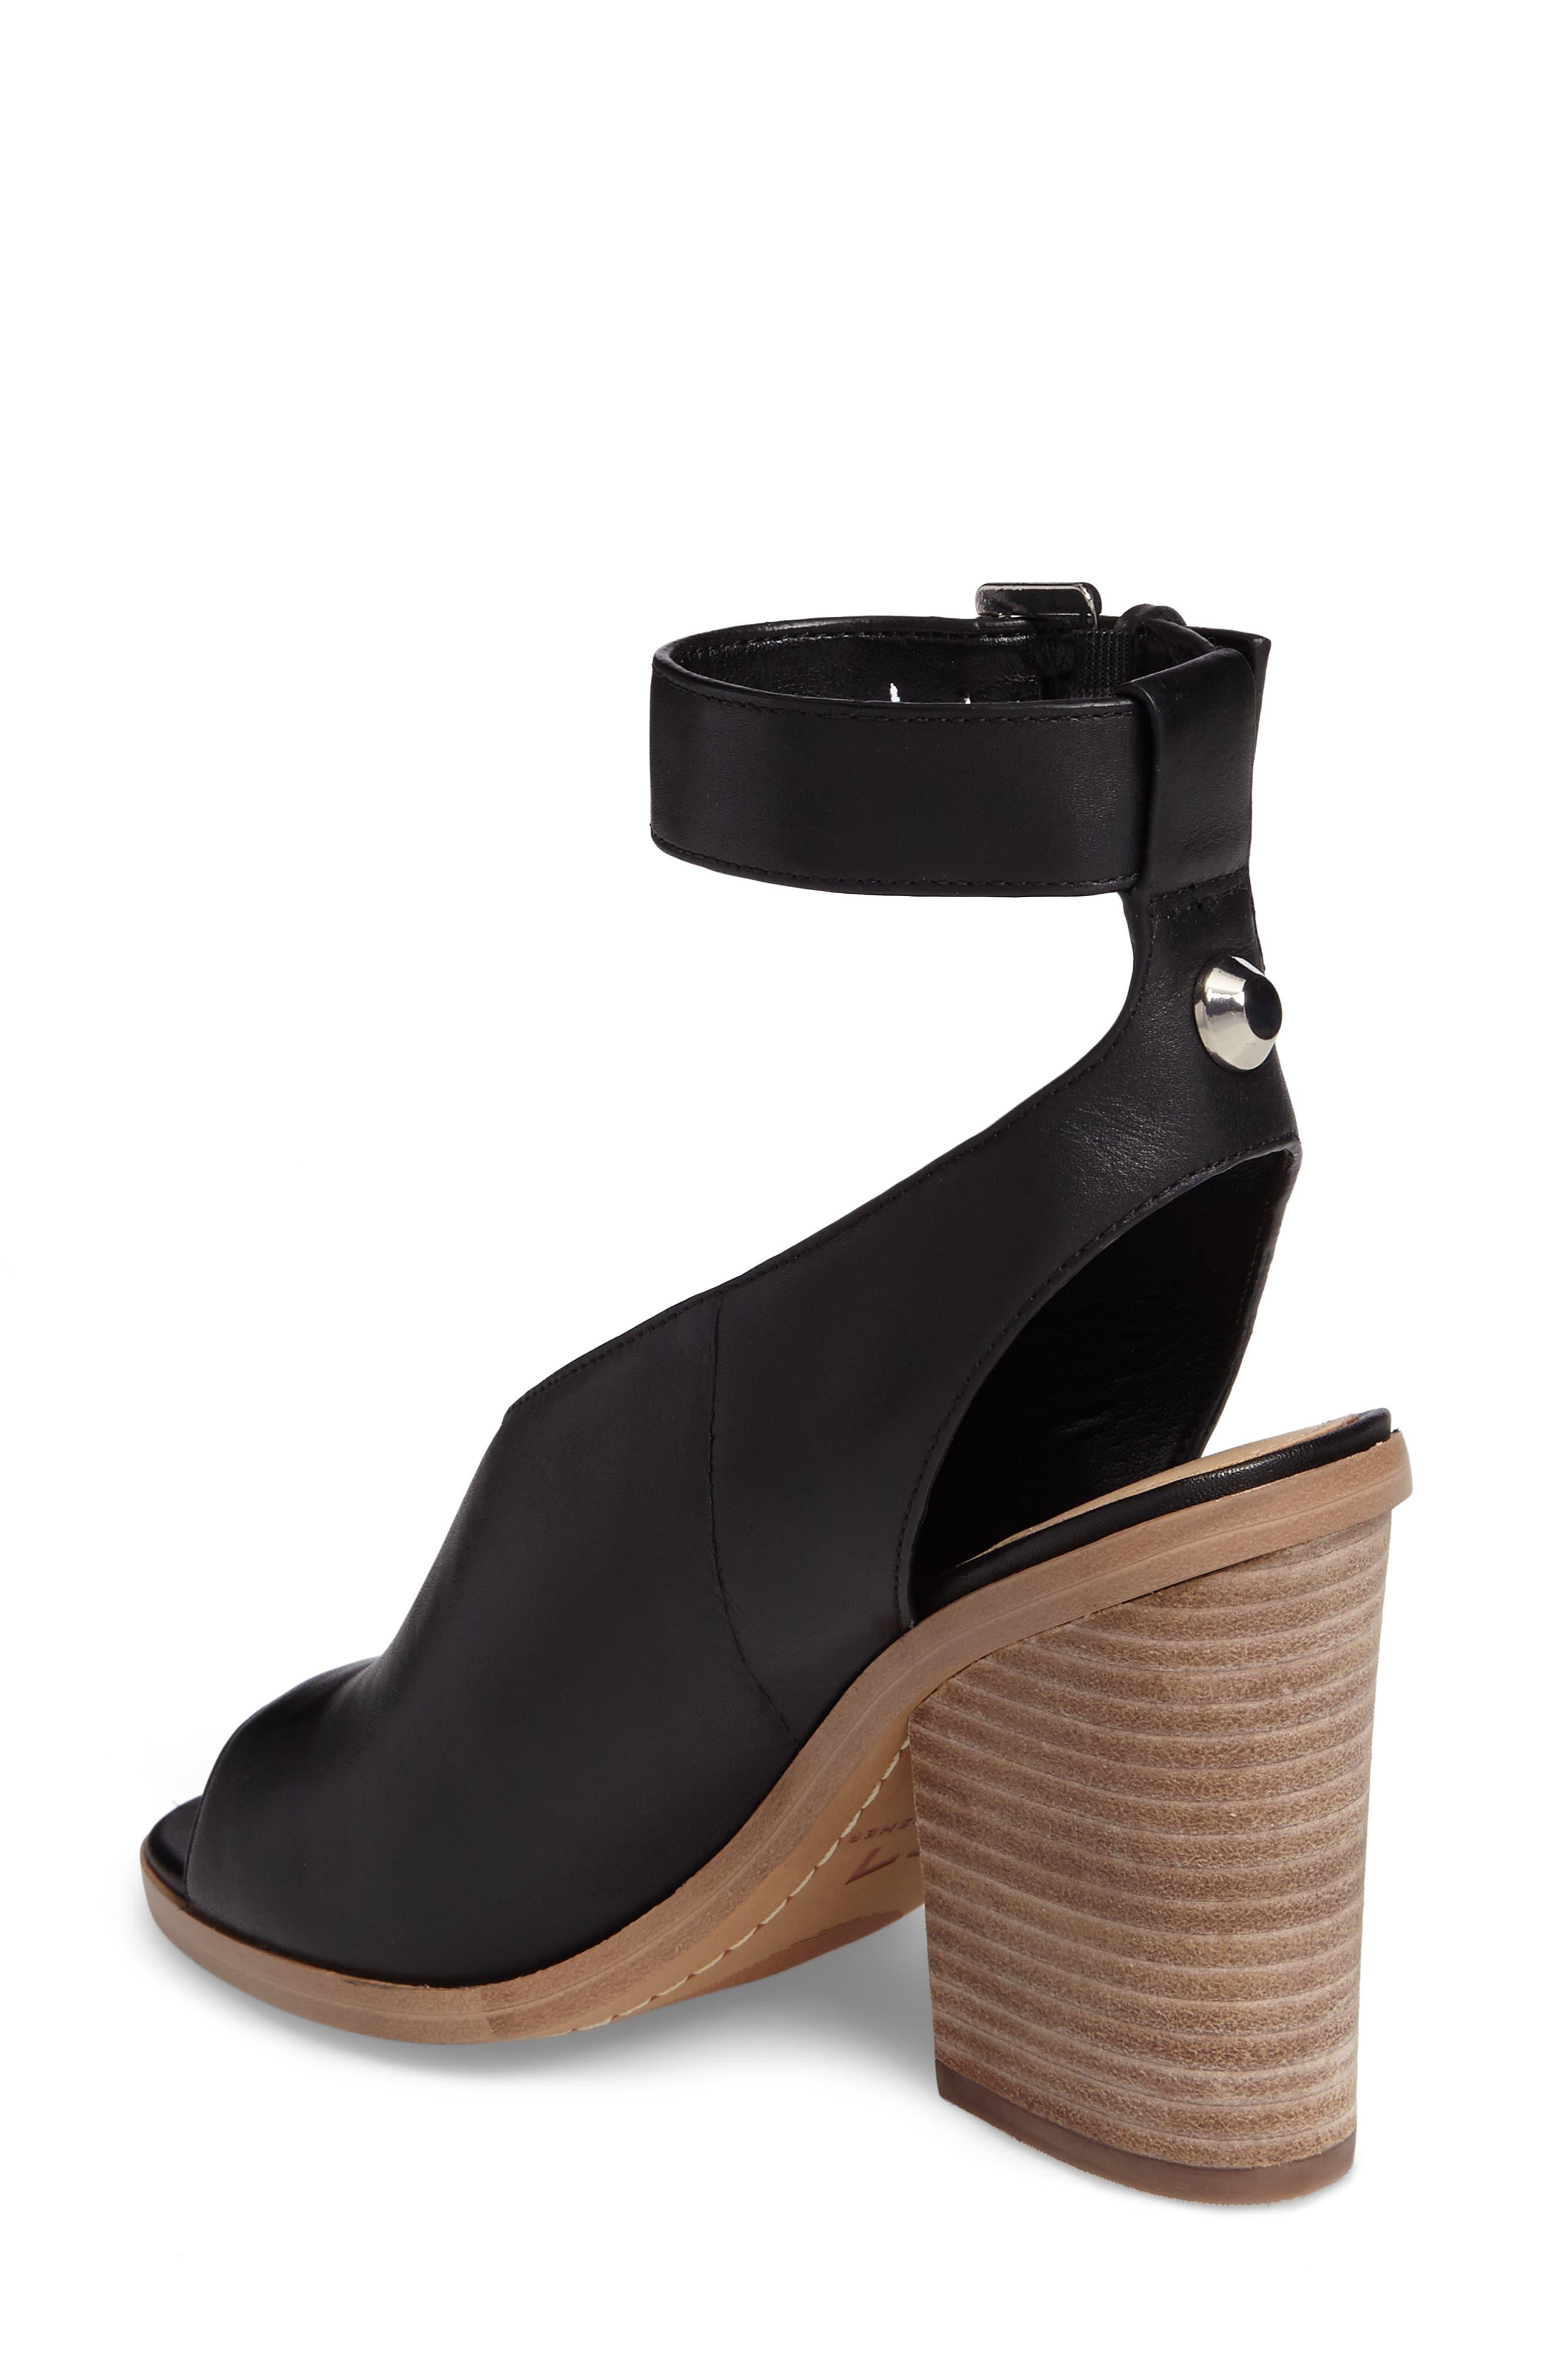 Alternate Image 2  - Marc Fisher LTD Vidal Ankle Strap Sandal (Women)